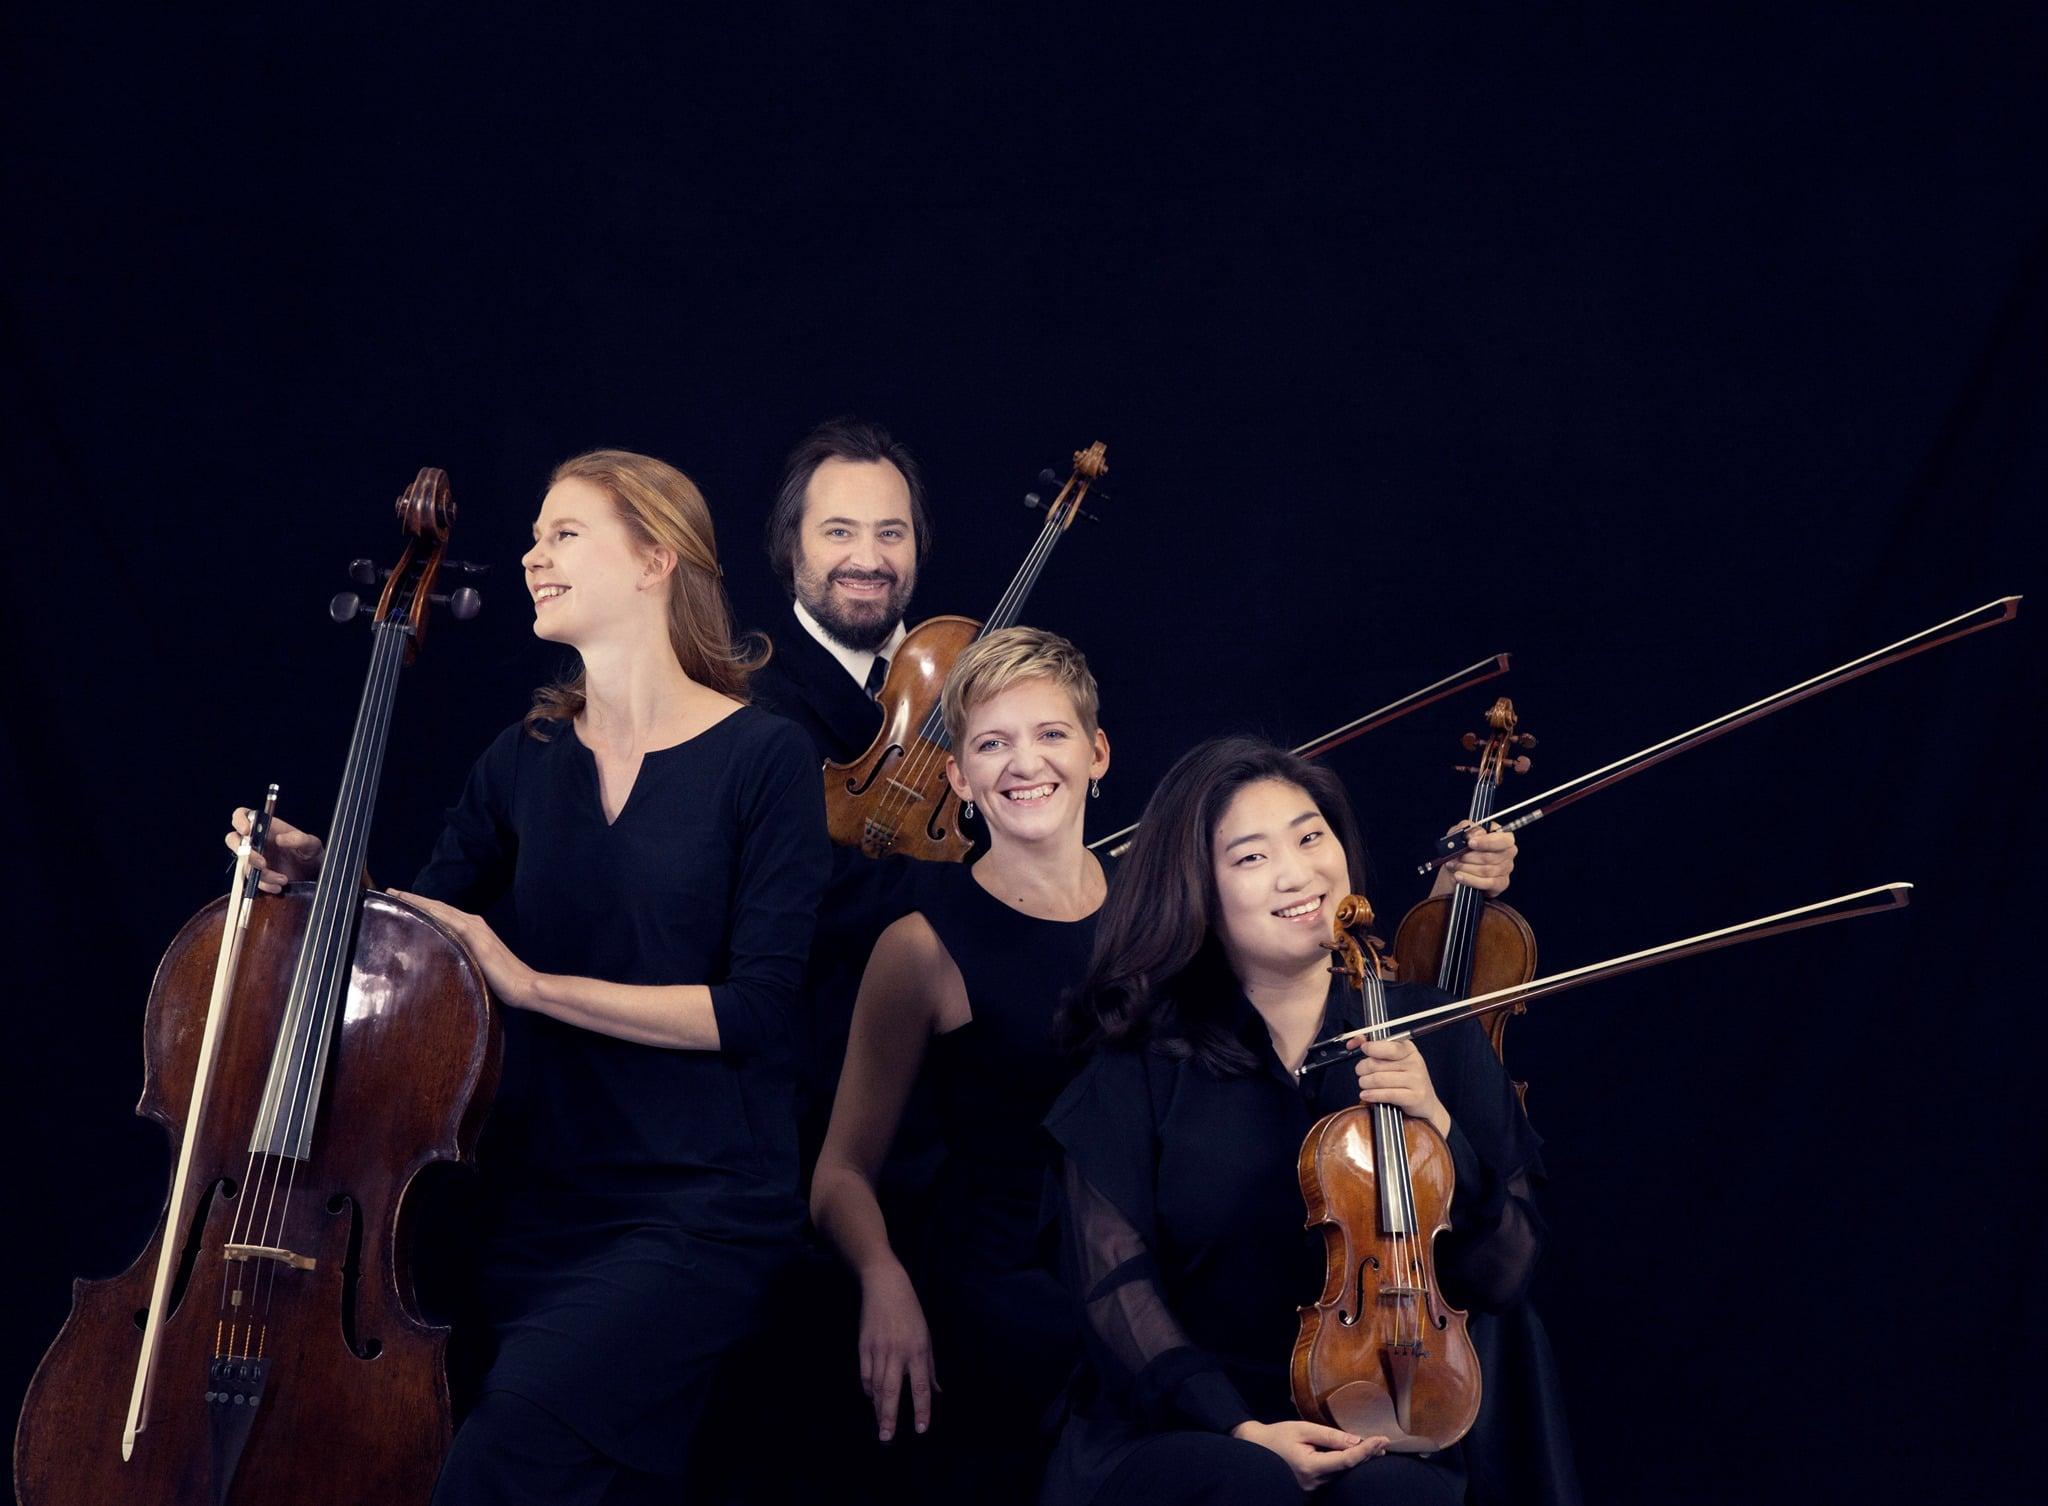 Break-up: World-famous string quartet dissolves